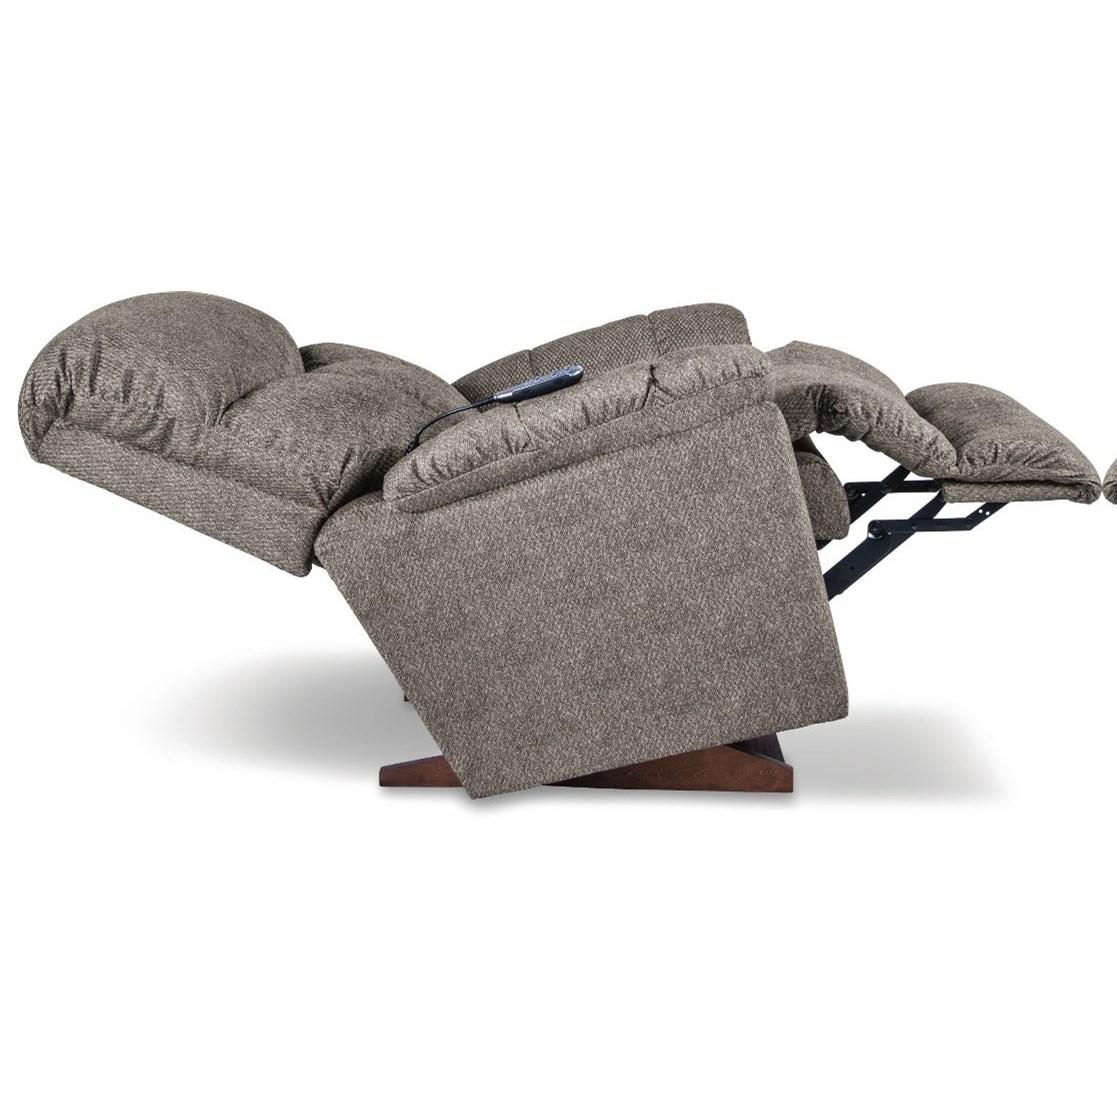 ... La-Z-Boy MorrisonRECLINA-ROCKER Recliner  sc 1 st  Morris Furniture & La-Z-Boy Morrison Casual Rocker Recliner | Morris Home | Three Way ...